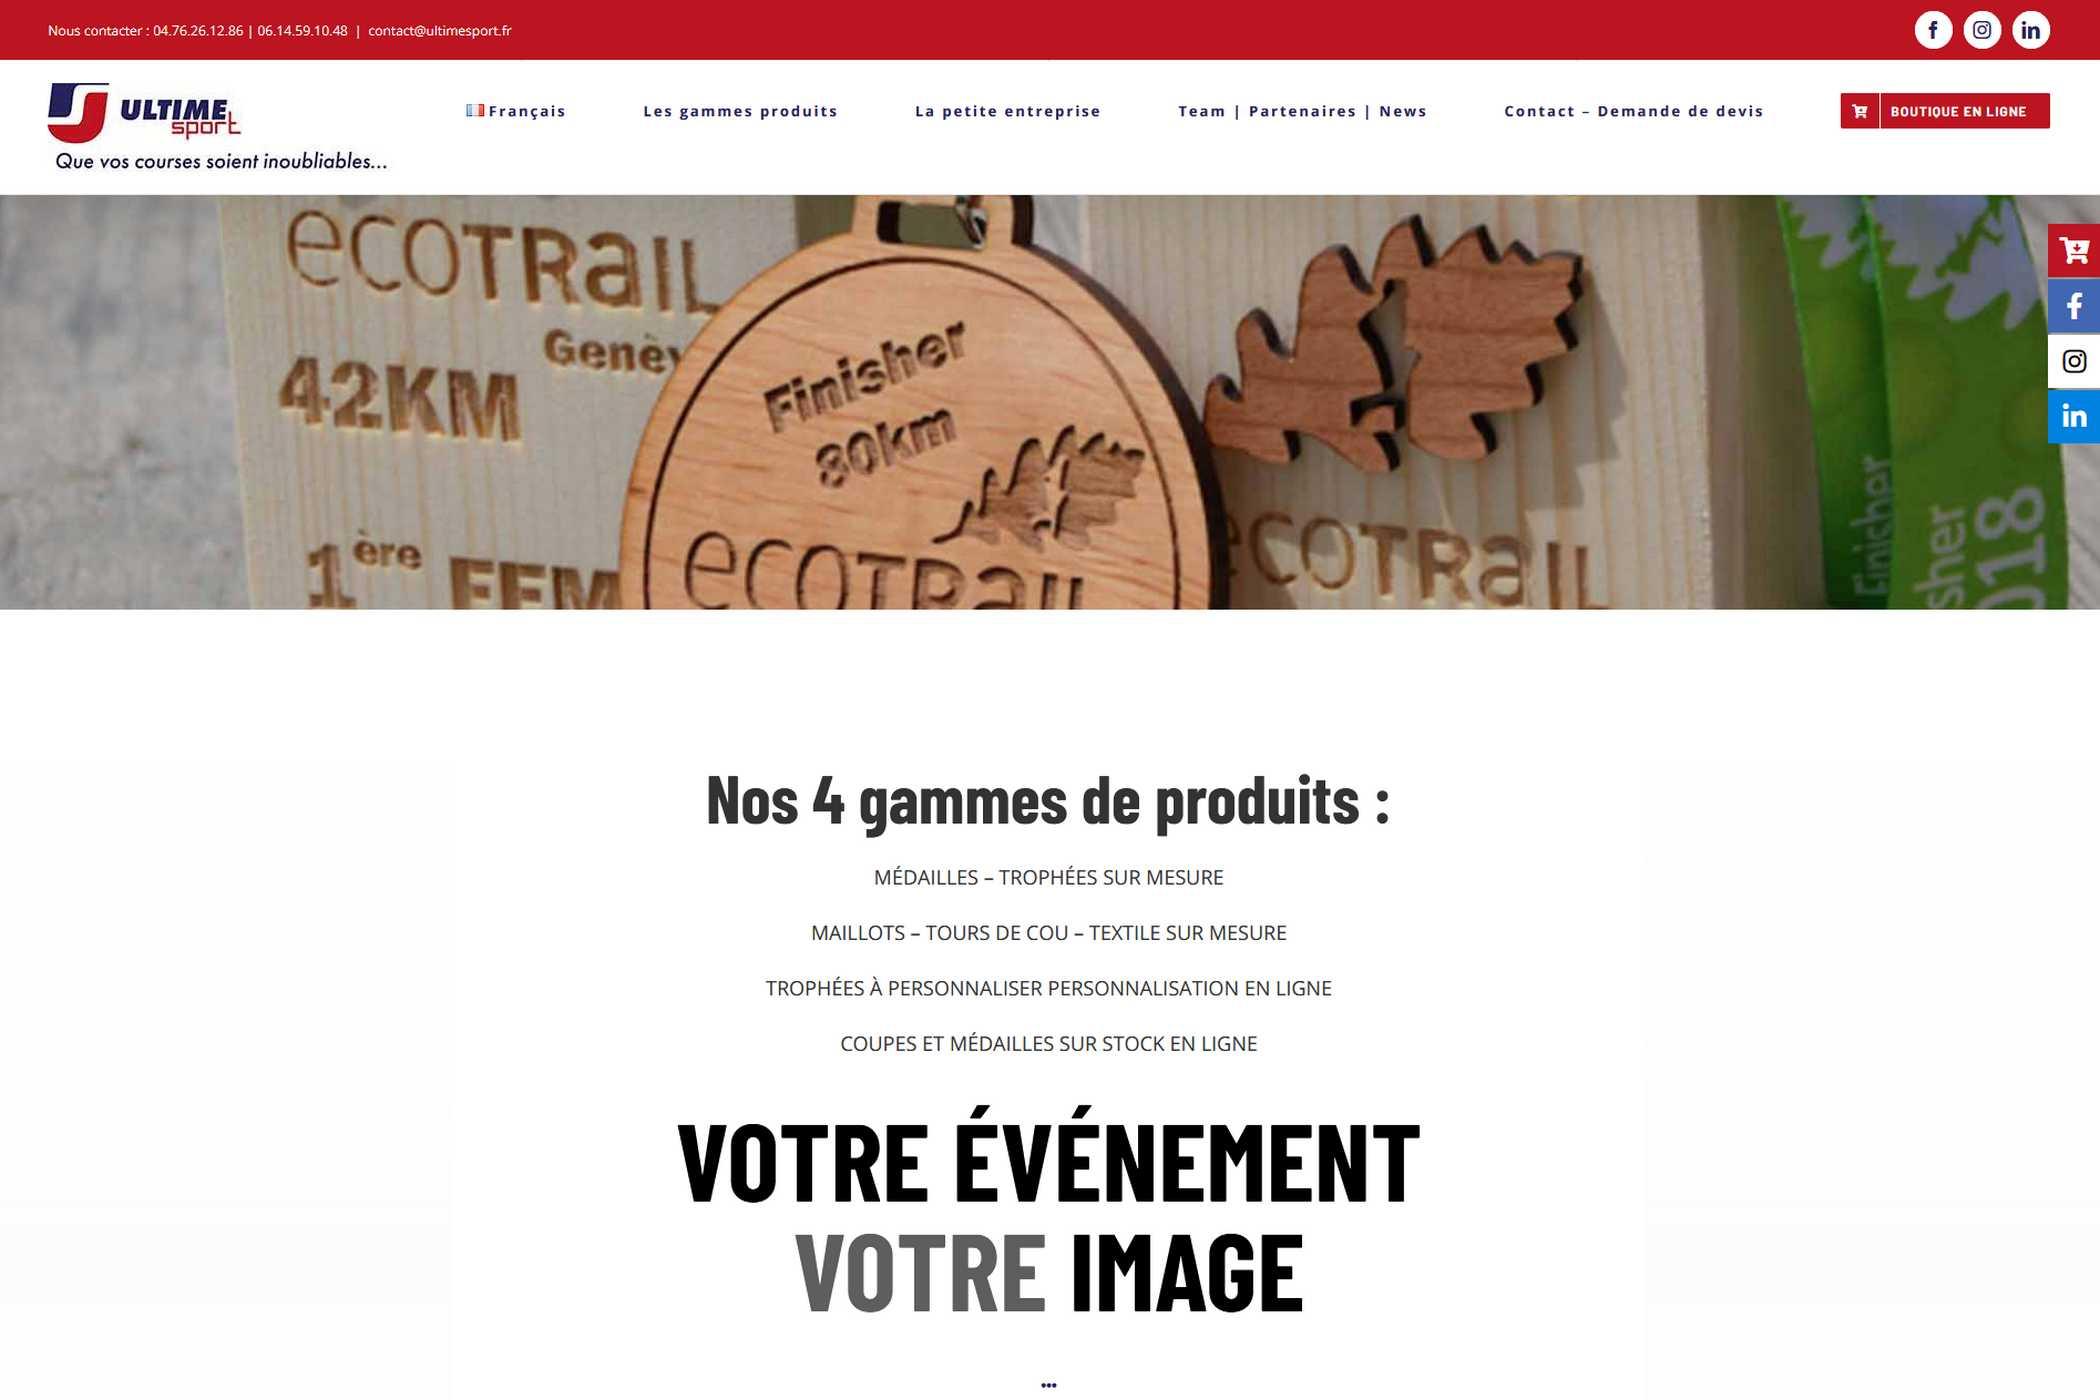 Capture d'écran du site internet Ultime Sport